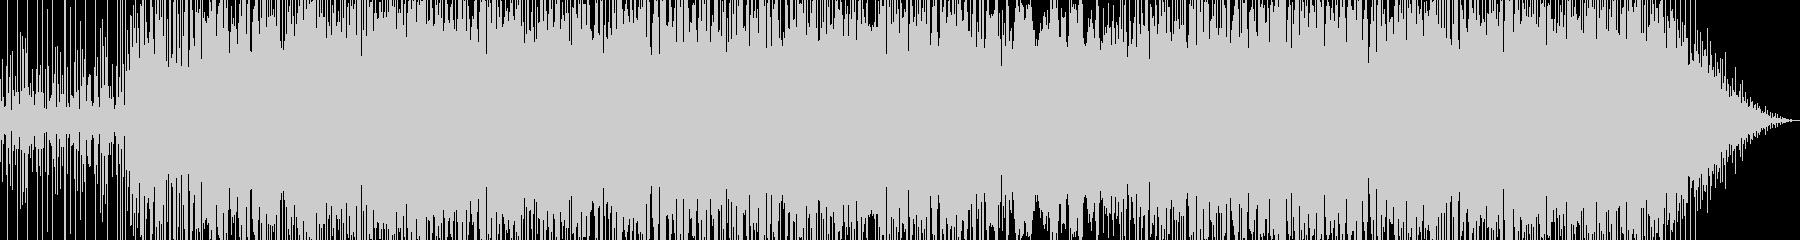 煌く音のポップ・ファンク・ロックの未再生の波形